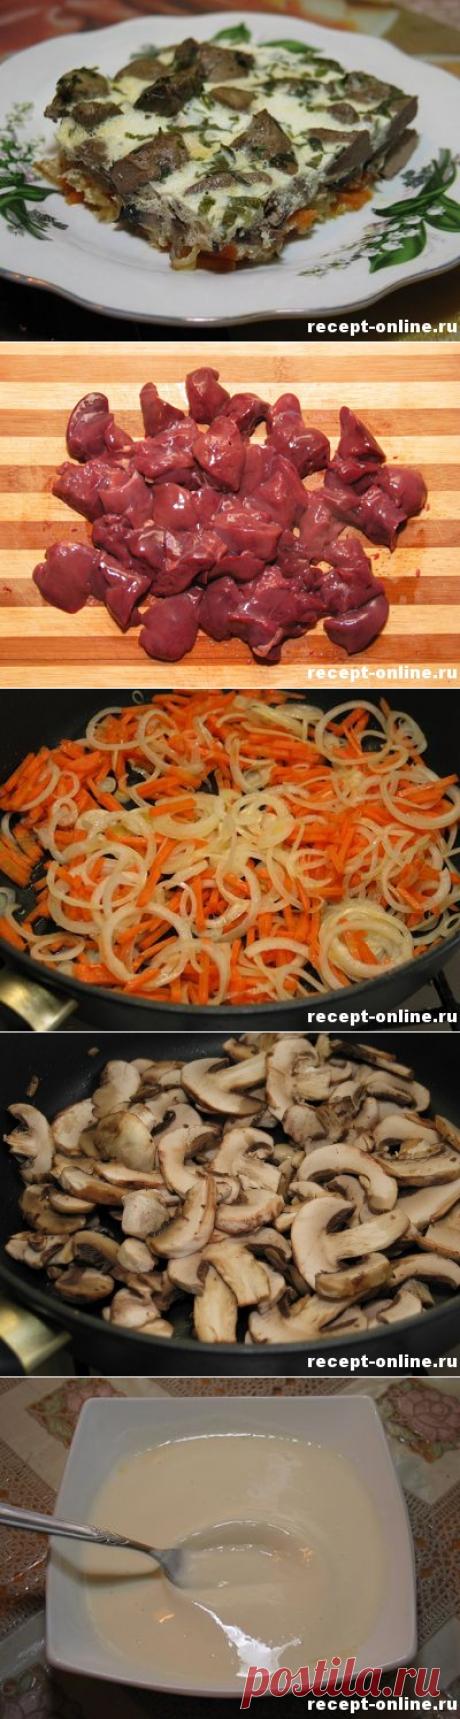 Кулинария >невероятно вкусная КУРИНАЯ ПЕЧЕНЬ